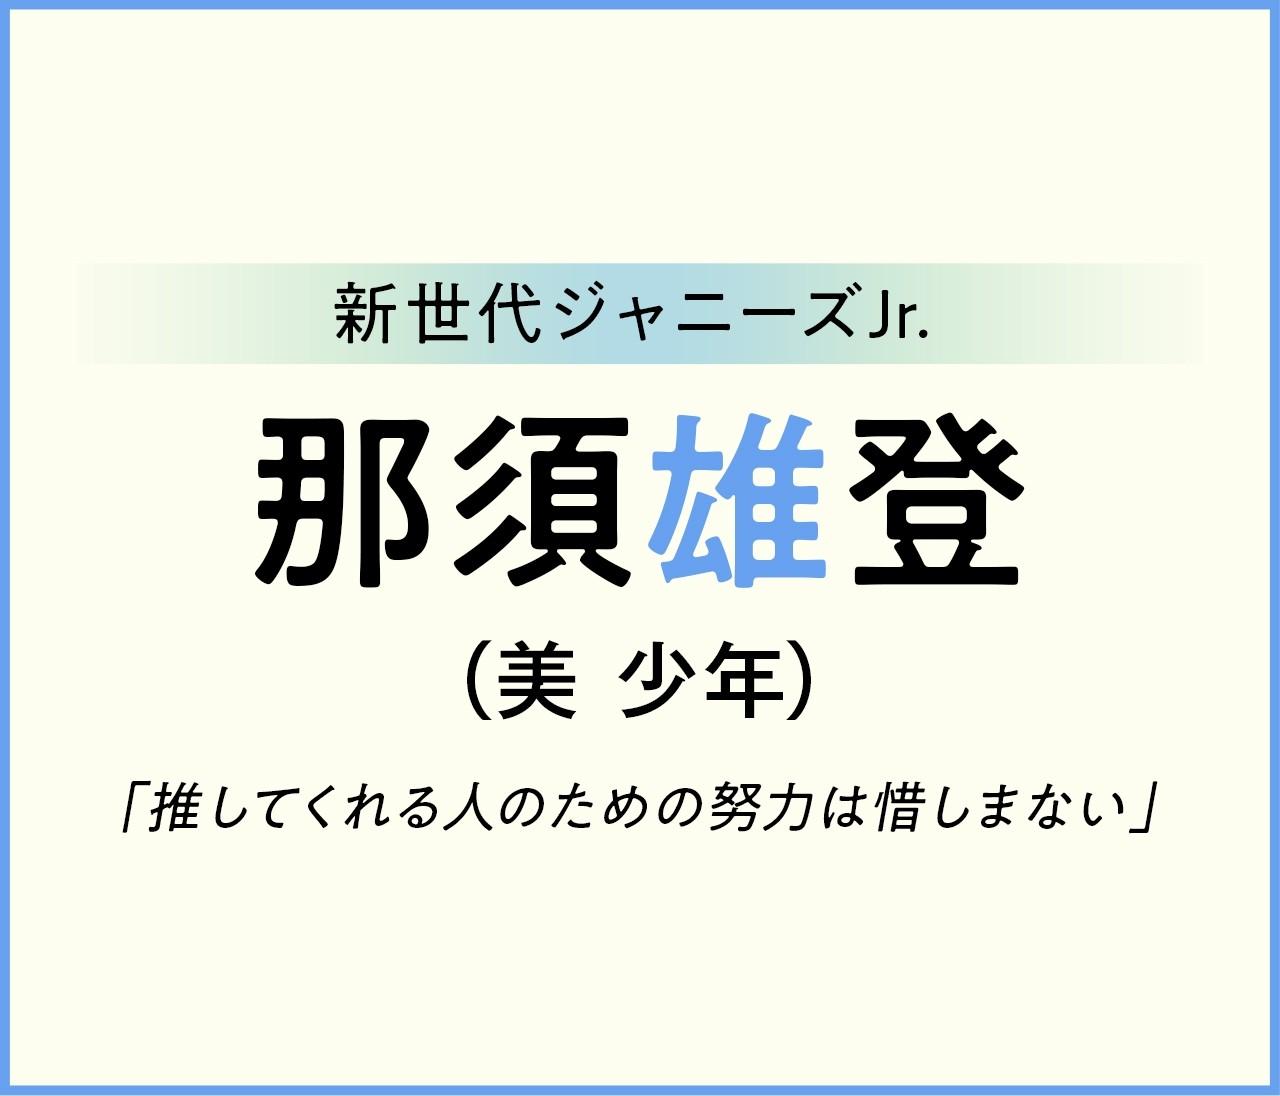 美 少年 那須雄登がBAILAに初登場!【新世代ジャニーズJr.】